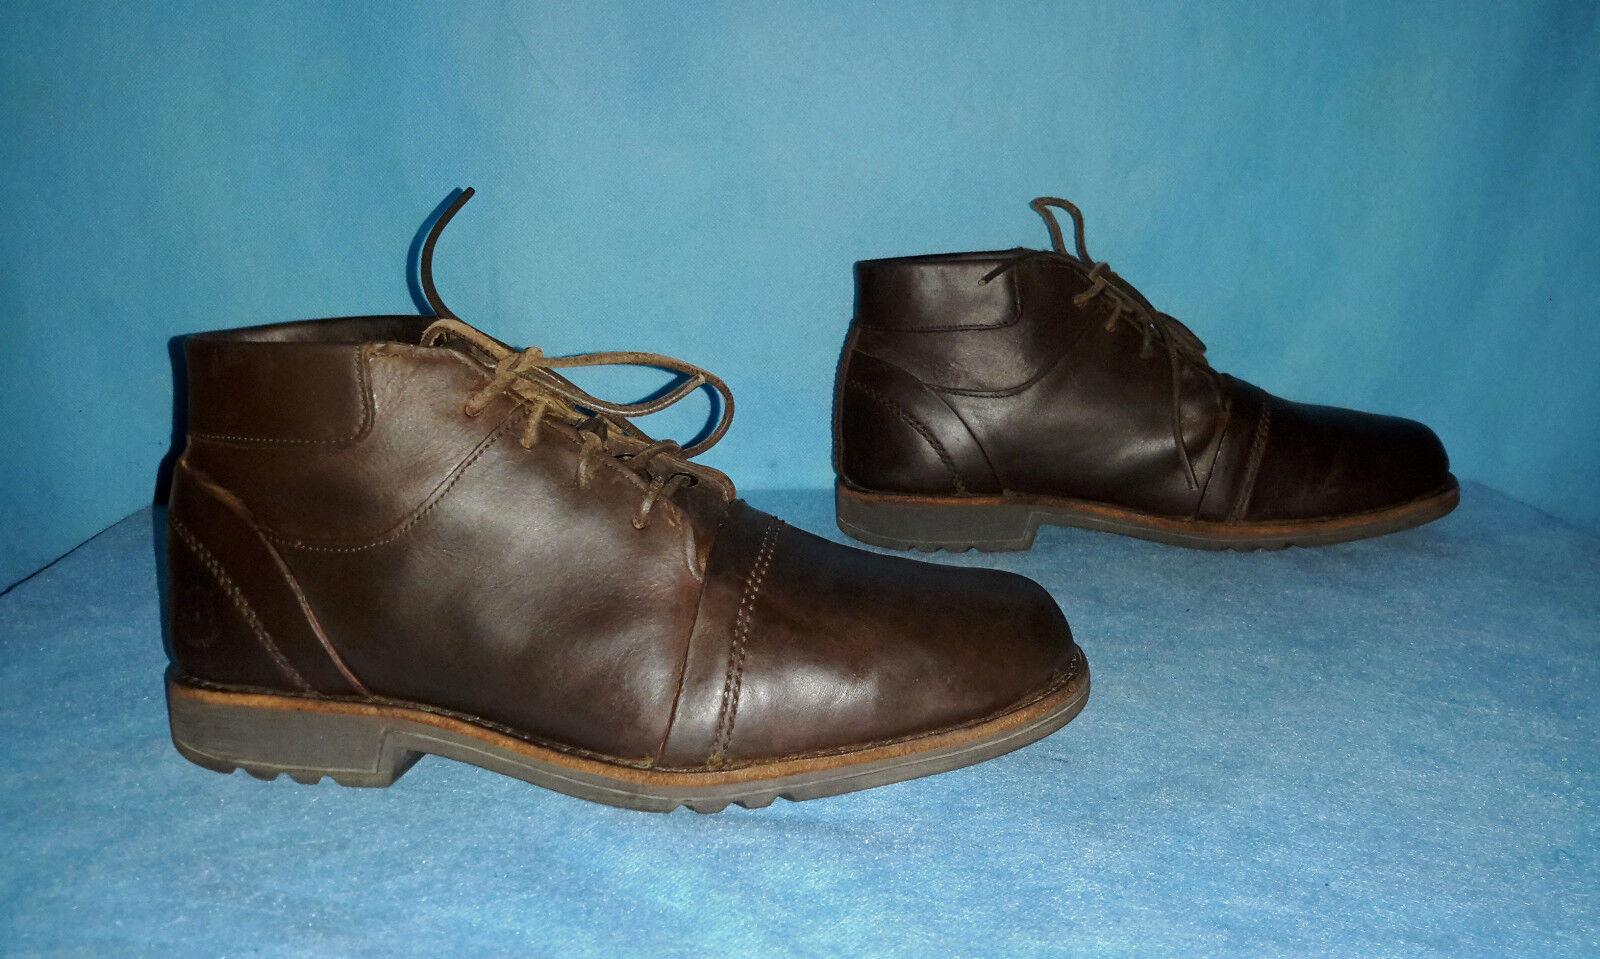 Stiefel Stiefeletten TIMBERLAND Leder S. 40 de oder 7,5 w w w sehr guter Zustand 57ec71